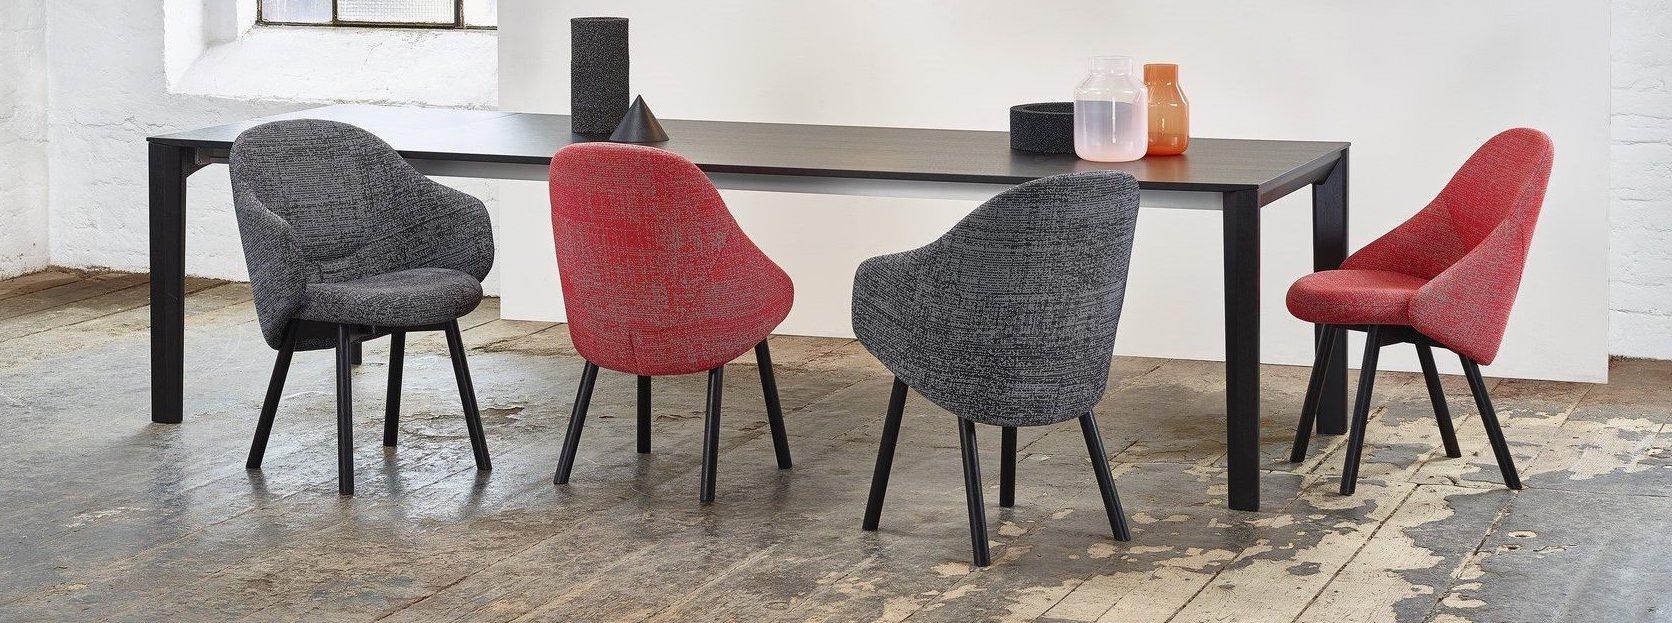 Jace Tryc architekt Warszawa projektowanie wnętrz aranżacja wnętrz fotel tapicerowany nowa kolekcja, ładny fotel meble TON